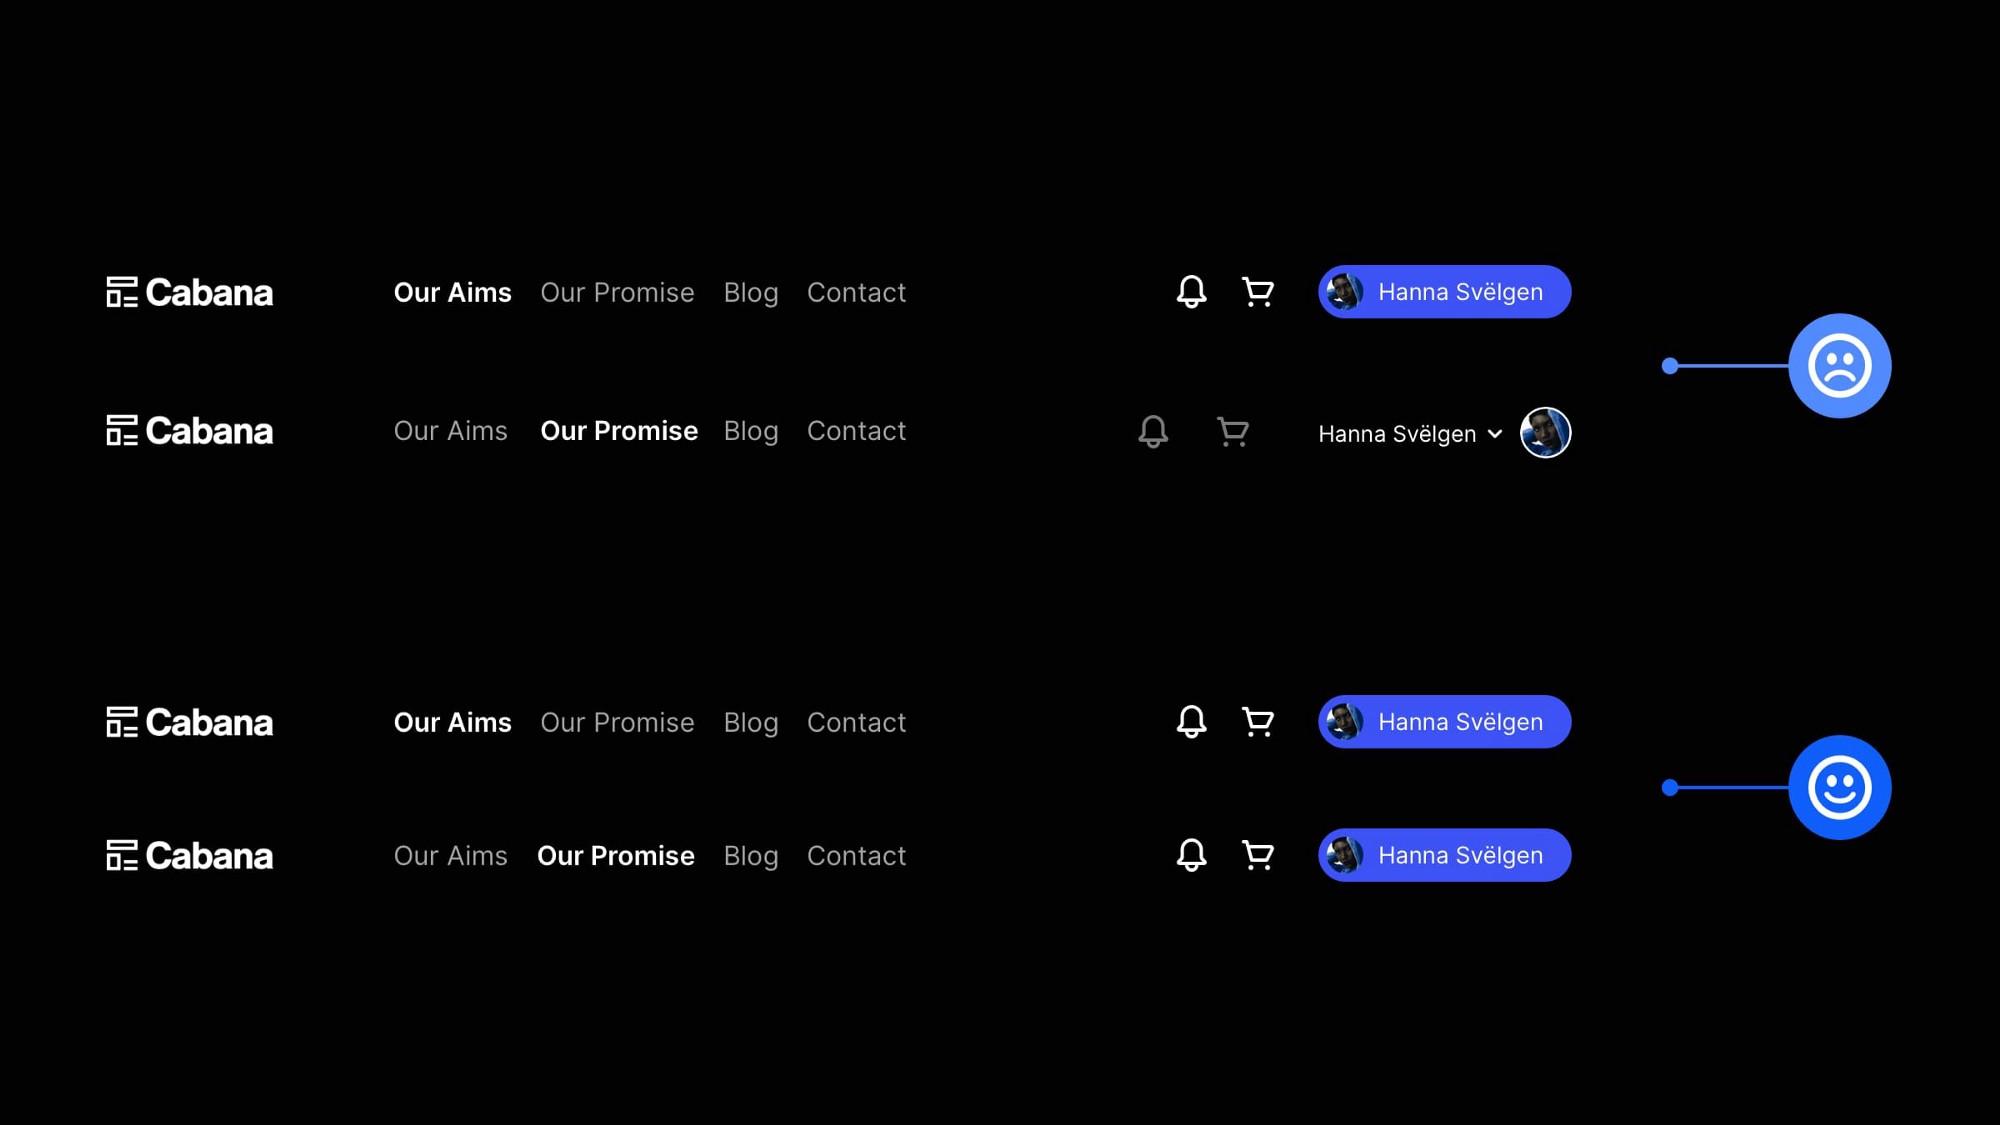 第五波!快速提升 UI 设计效果的 6 个小技巧